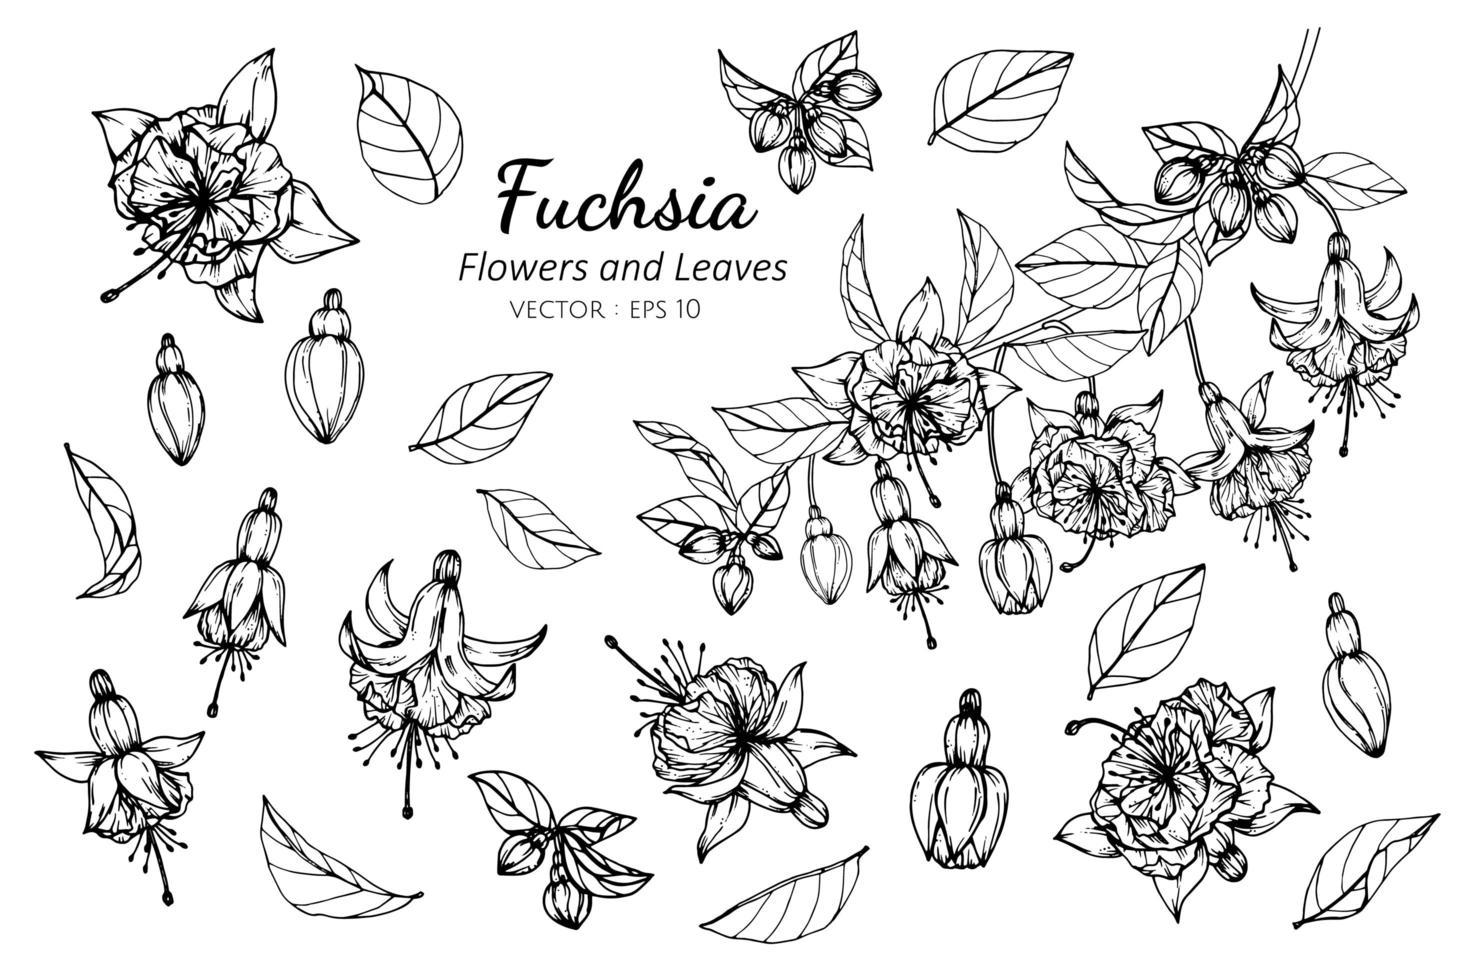 colección de flores y hojas fucsias vector